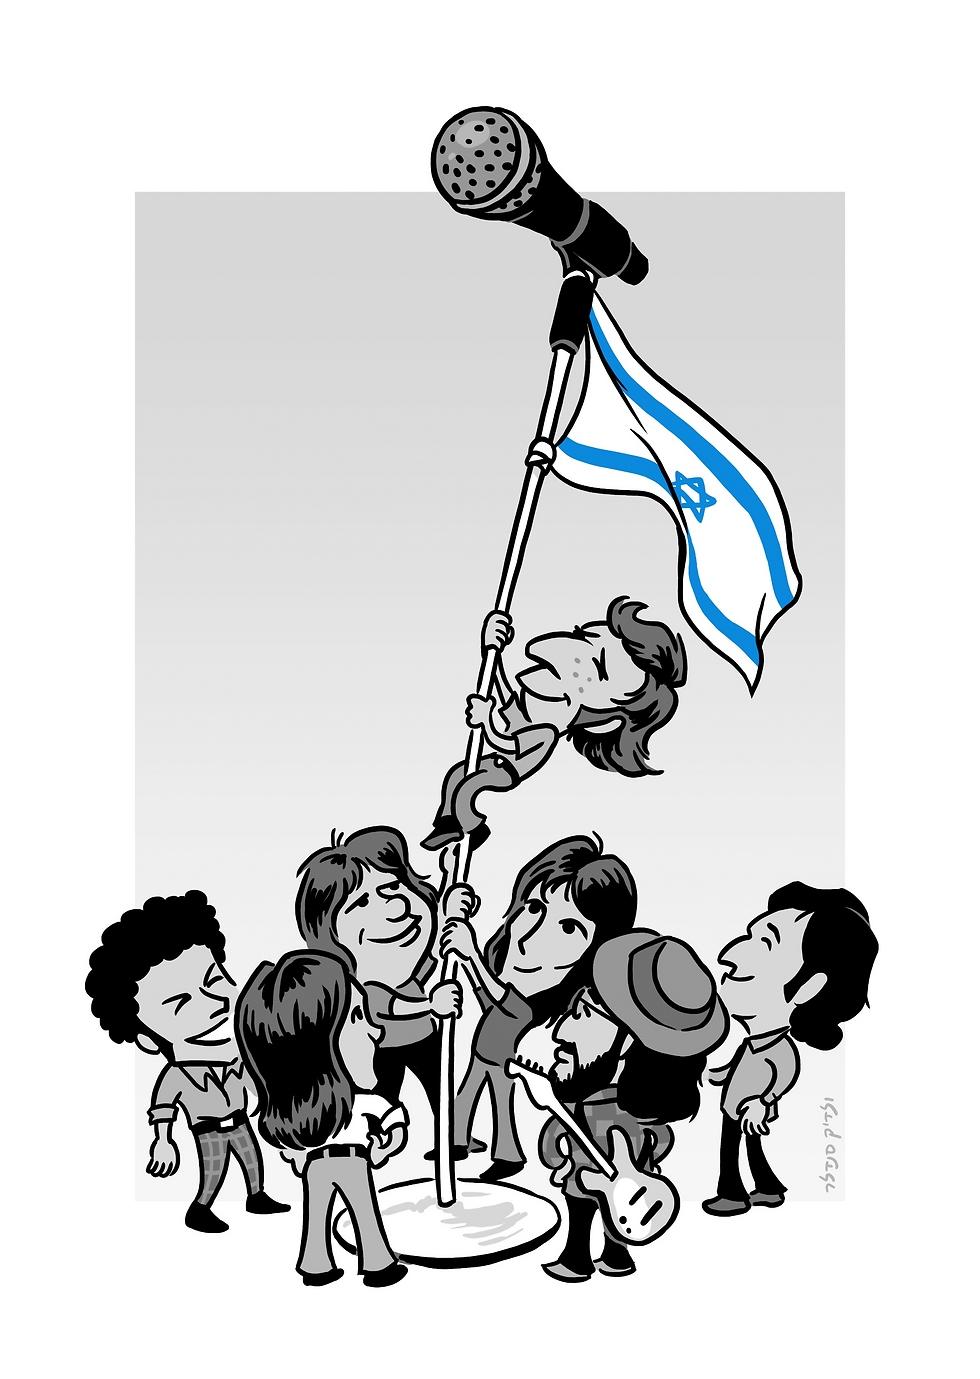 בתל אביב ייסדנו את הרוק הישראלי (איור: ולדיק סנדלר) (איור: ולדיק סנדלר)